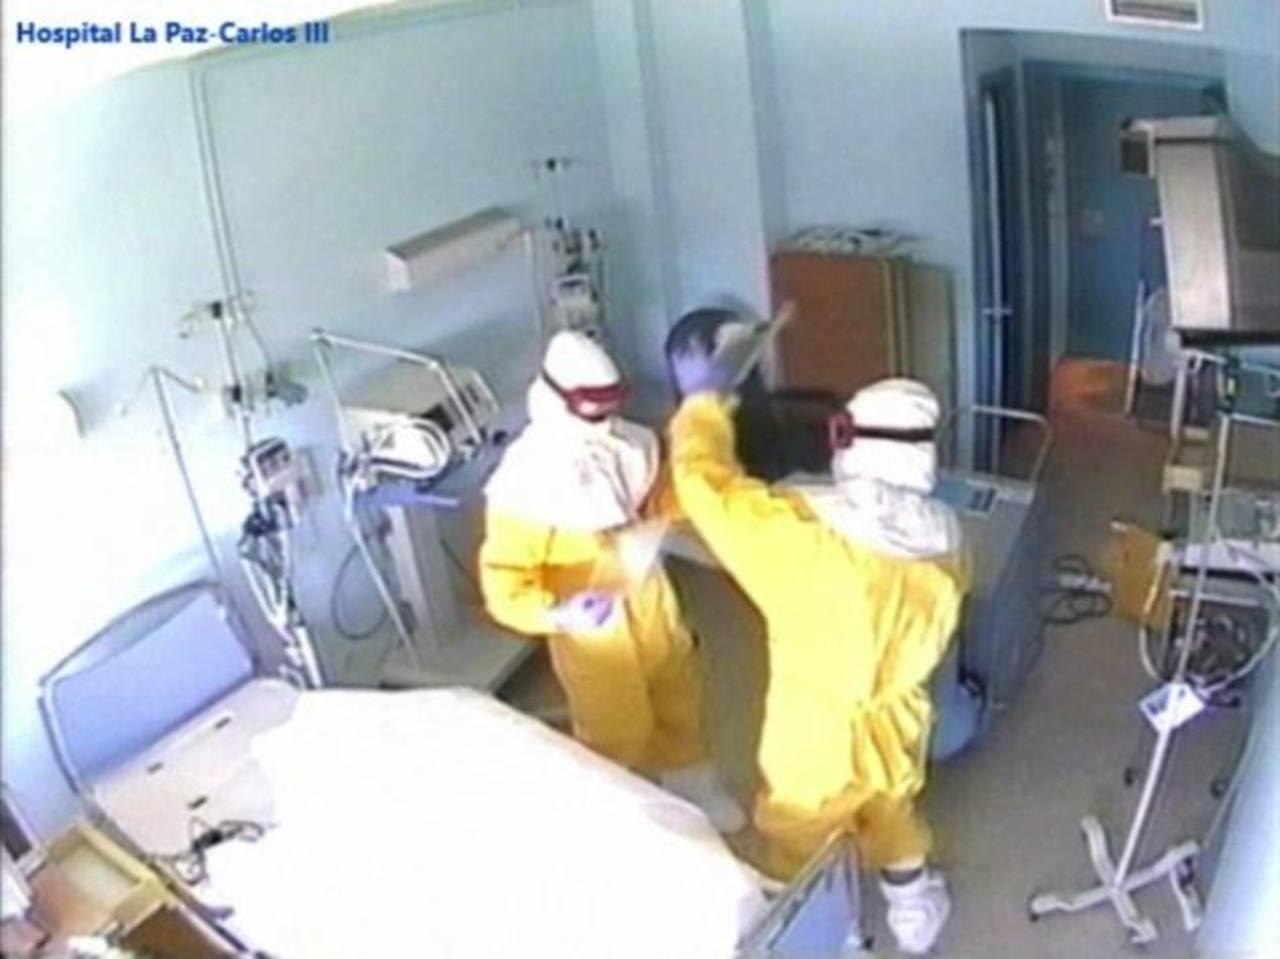 Imagen (captada de un vídeo) facilitada por la Dirección Regional de Salud de Madrid que muestra empleados sanitarios limpiando la habitación de hospital del sacerdote español Miguel Pajares, quien murió de ébola, bajo el protocolo que habría usado T